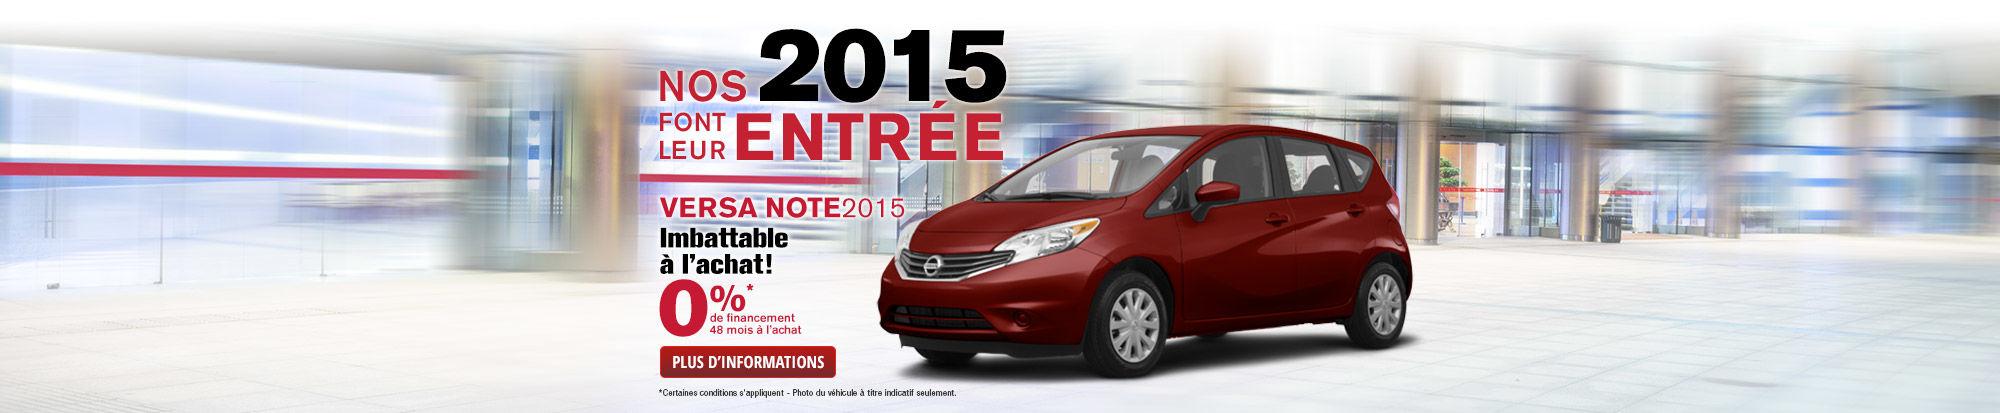 La Nissan Versa Note 2015 à 0%